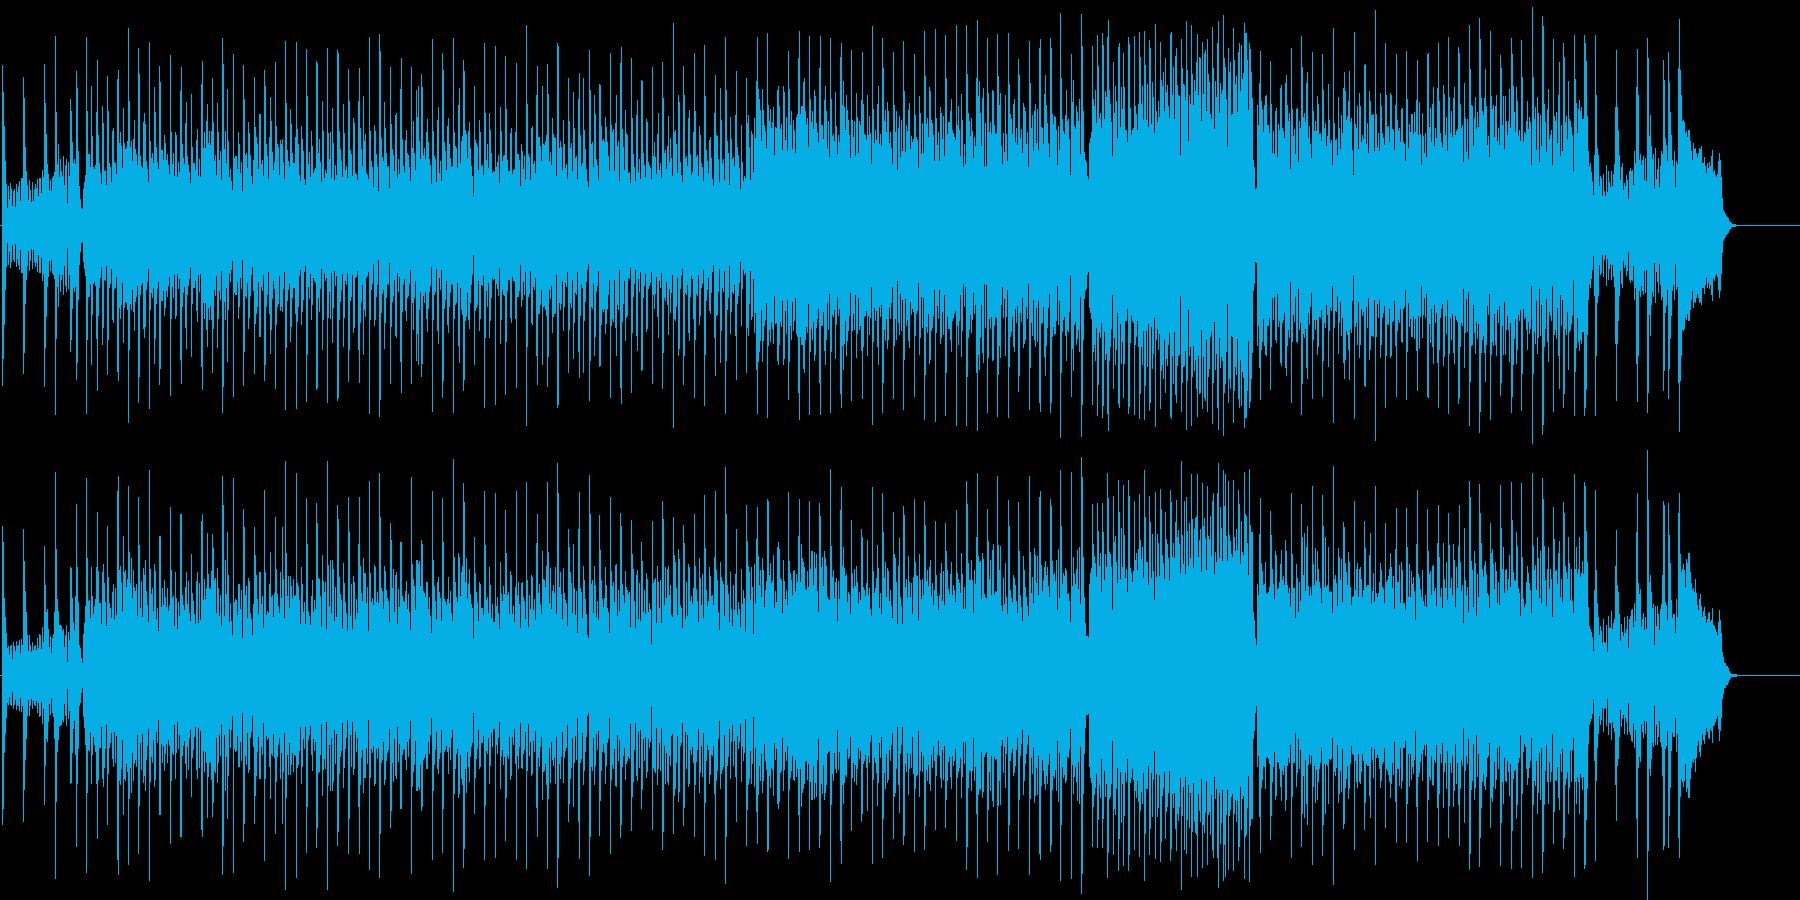 ヨーロピアン・タイプのコミカルなポップスの再生済みの波形